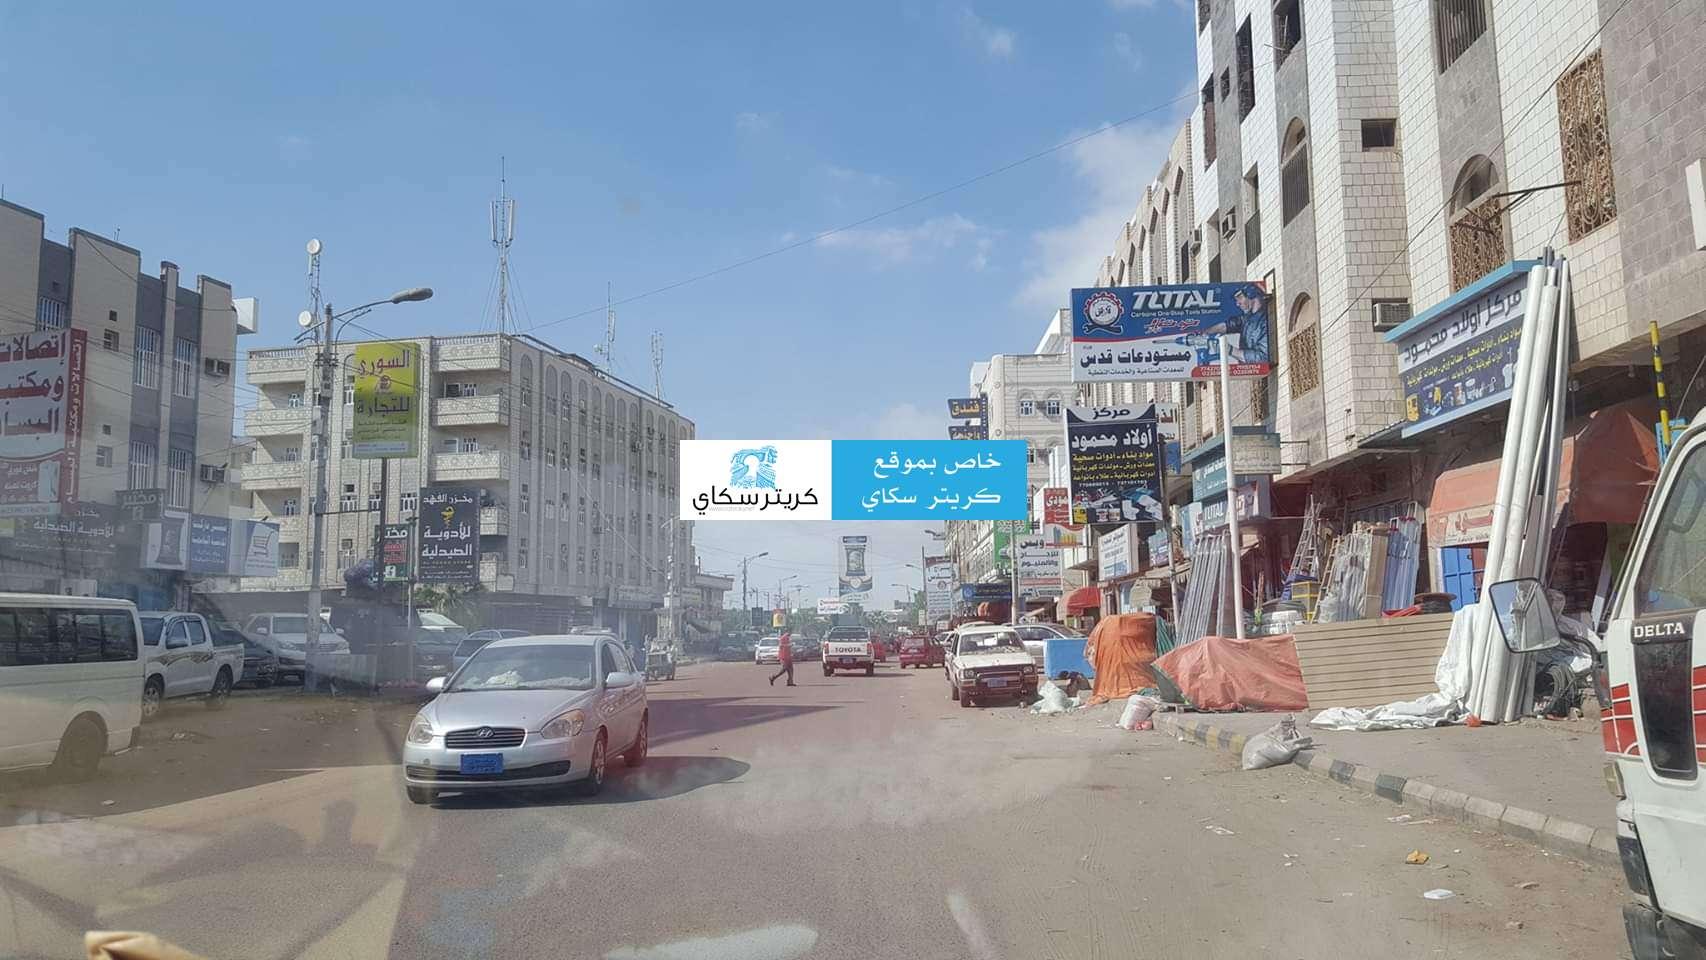 مجزرة طالت عدادات مياه منزل في عدن (وثيقة)